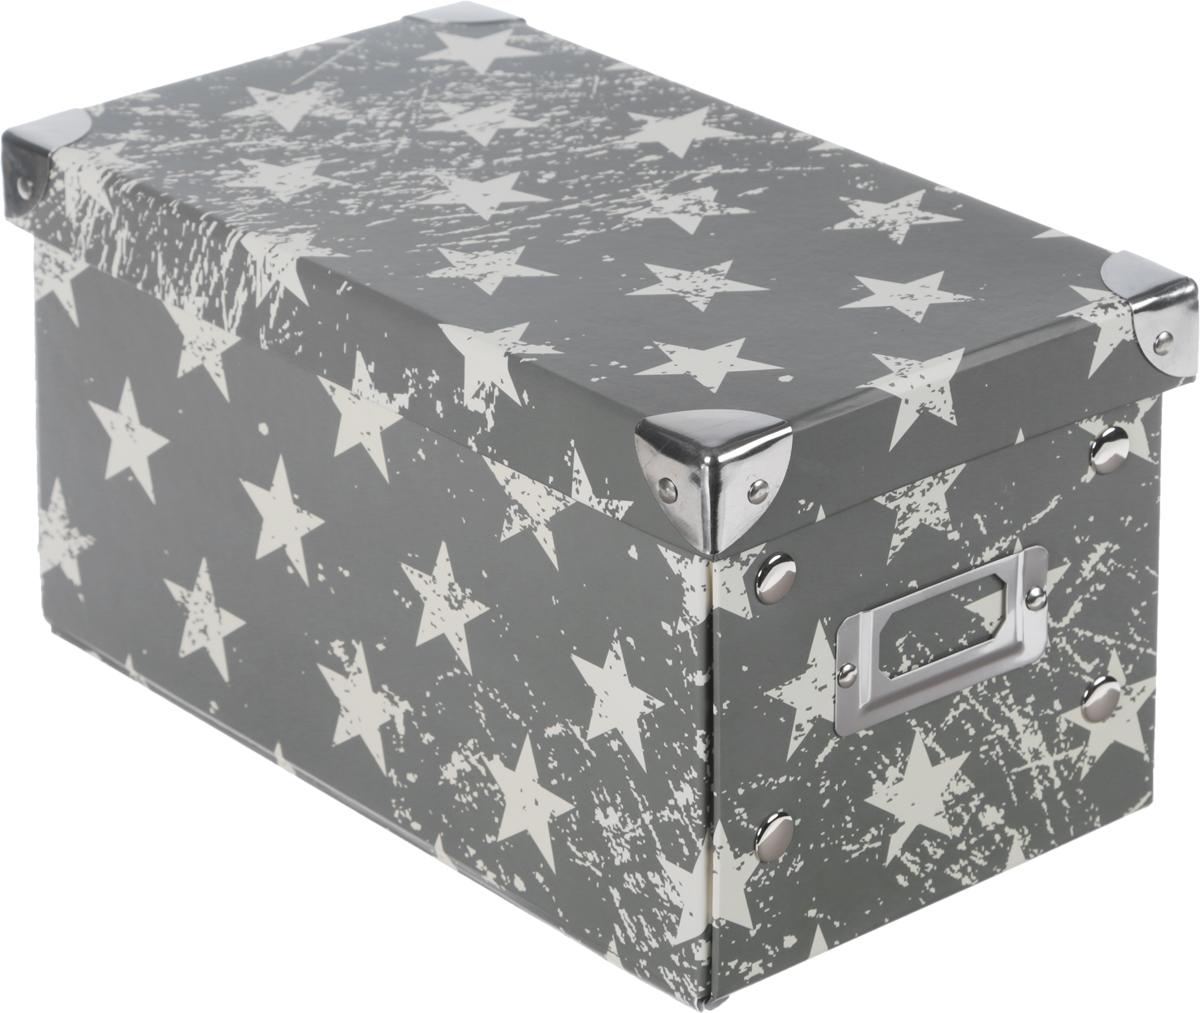 Коробка для хранения, складная, цвет: хаки, бежевый, 15,5 х 27 х 14 смLS-1015 AAКоробкадля хранения изготовлена из высококачественного плотного картонаи оформлена оригинальным принтом. Она предназначена для хранения различных мелочей. Изделие легко собирается с помощью металлических креплений и не занимает много места. Такая коробка для хранения идеальное решение для аккуратного хранения различных ниток, канцелярских товаров.Размер коробки (в собранном виде): 15,5 х 27 х 14 см.